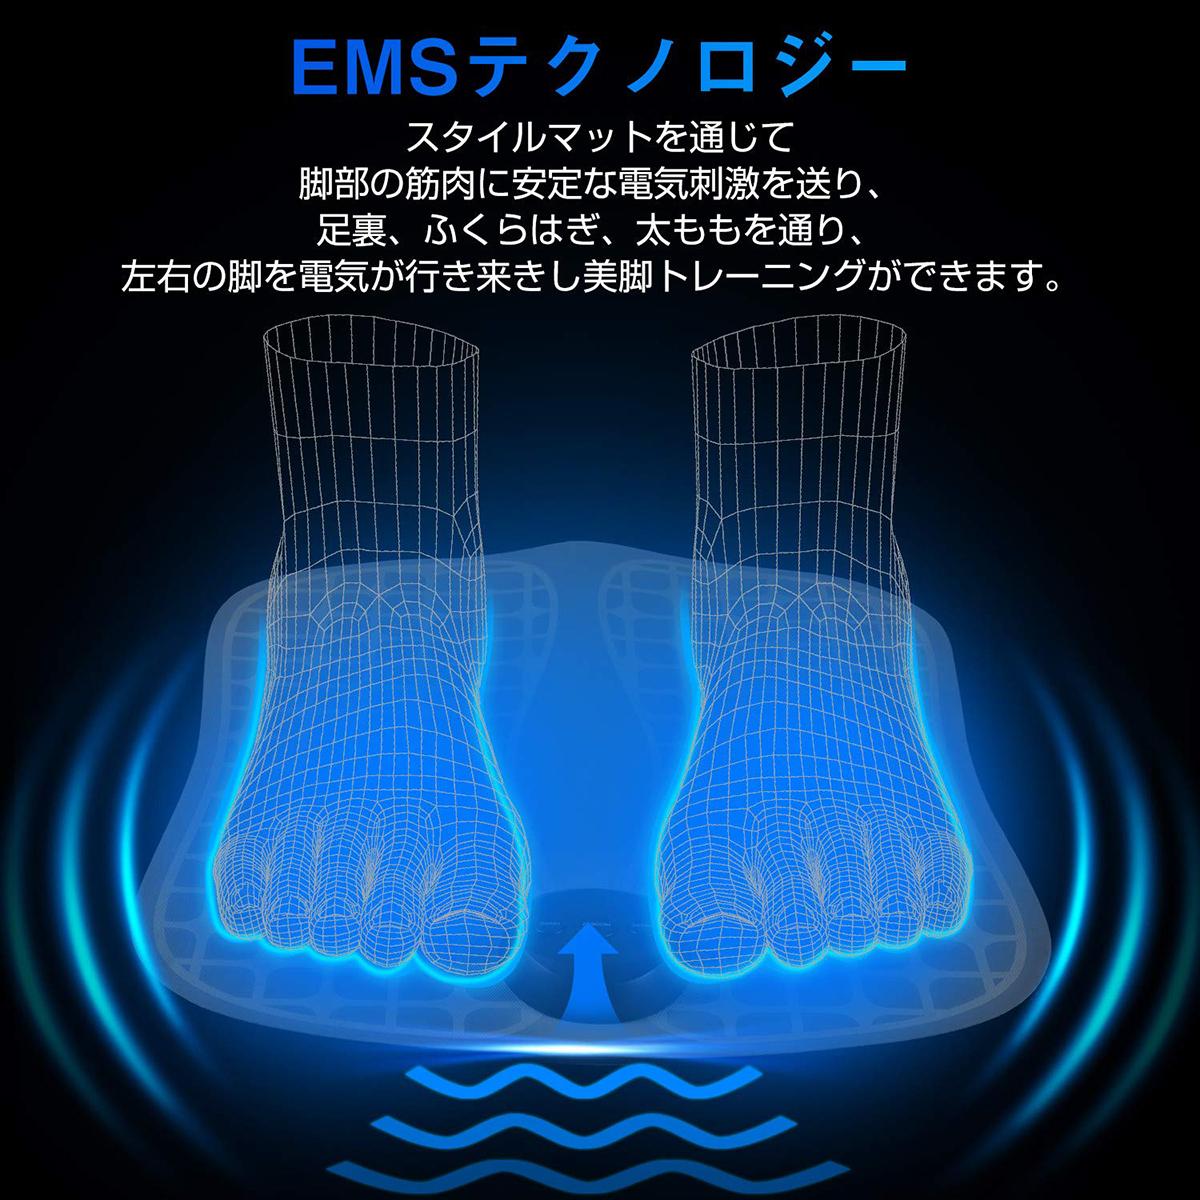 【1年間保証付】スタイルマット emsフットフィット emsパッド 振動 マシン 歩く力を鍛える ジェルシート不要 美脚のトレーニング